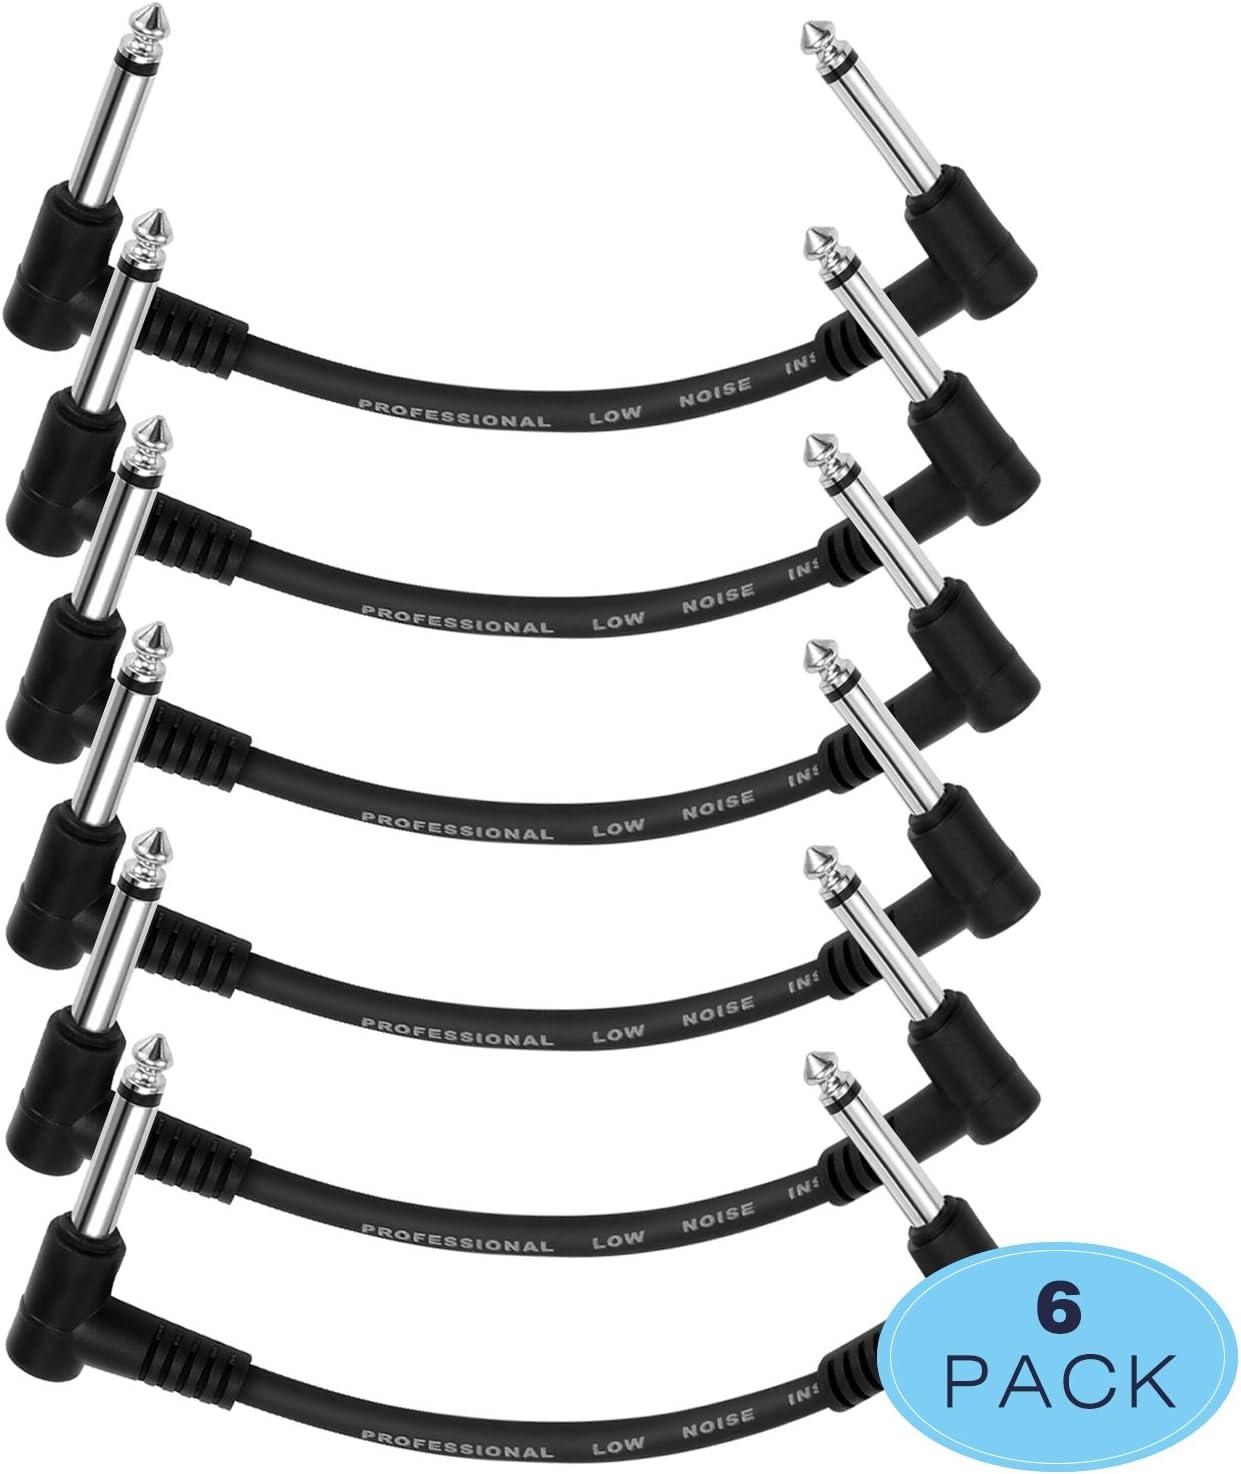 Donner Cable Conexión 15 CM para Guitarra/Pedal de Efectos Negro Pack 6